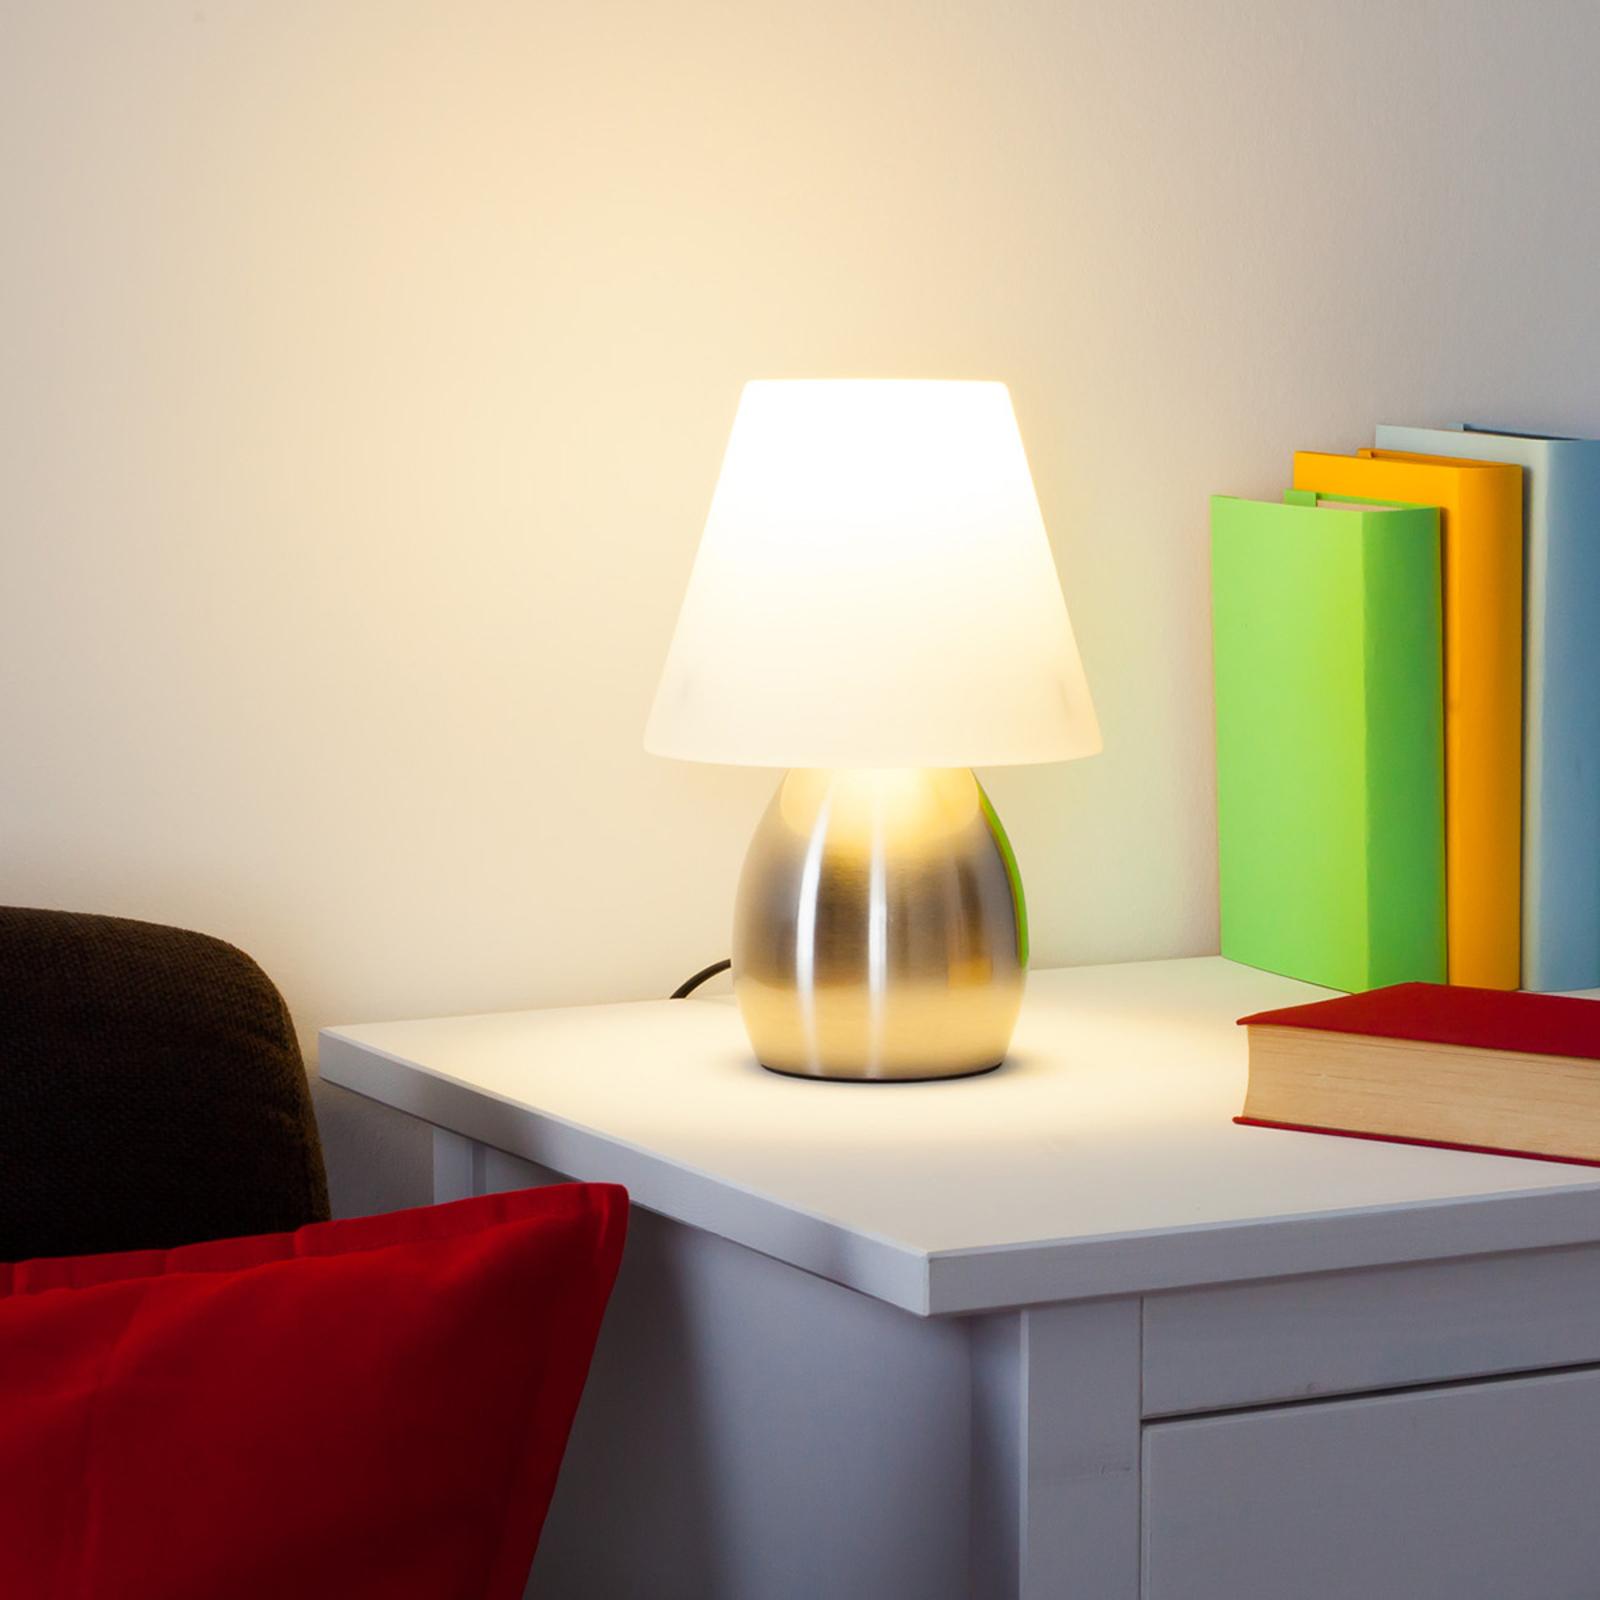 Dekorativ bordslampa Emilan med E14 LED lampa | Lamp24.se